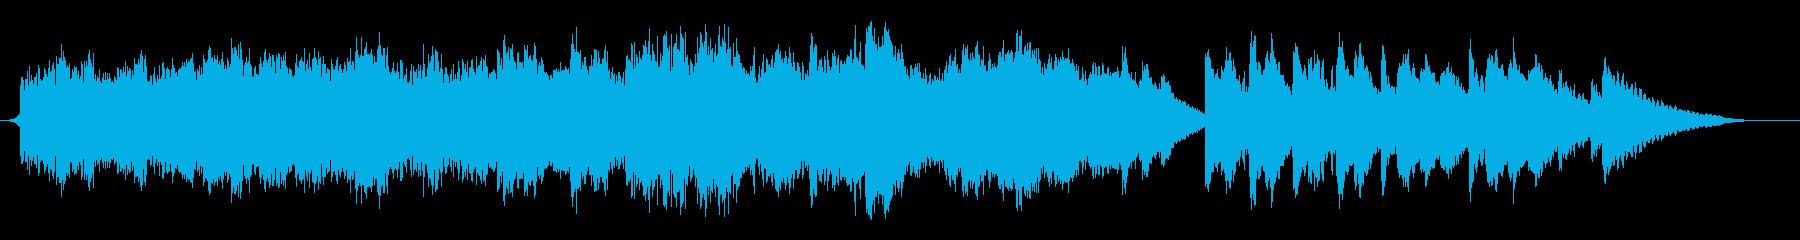 ミステリー・サスペンス映画の日常曲の再生済みの波形